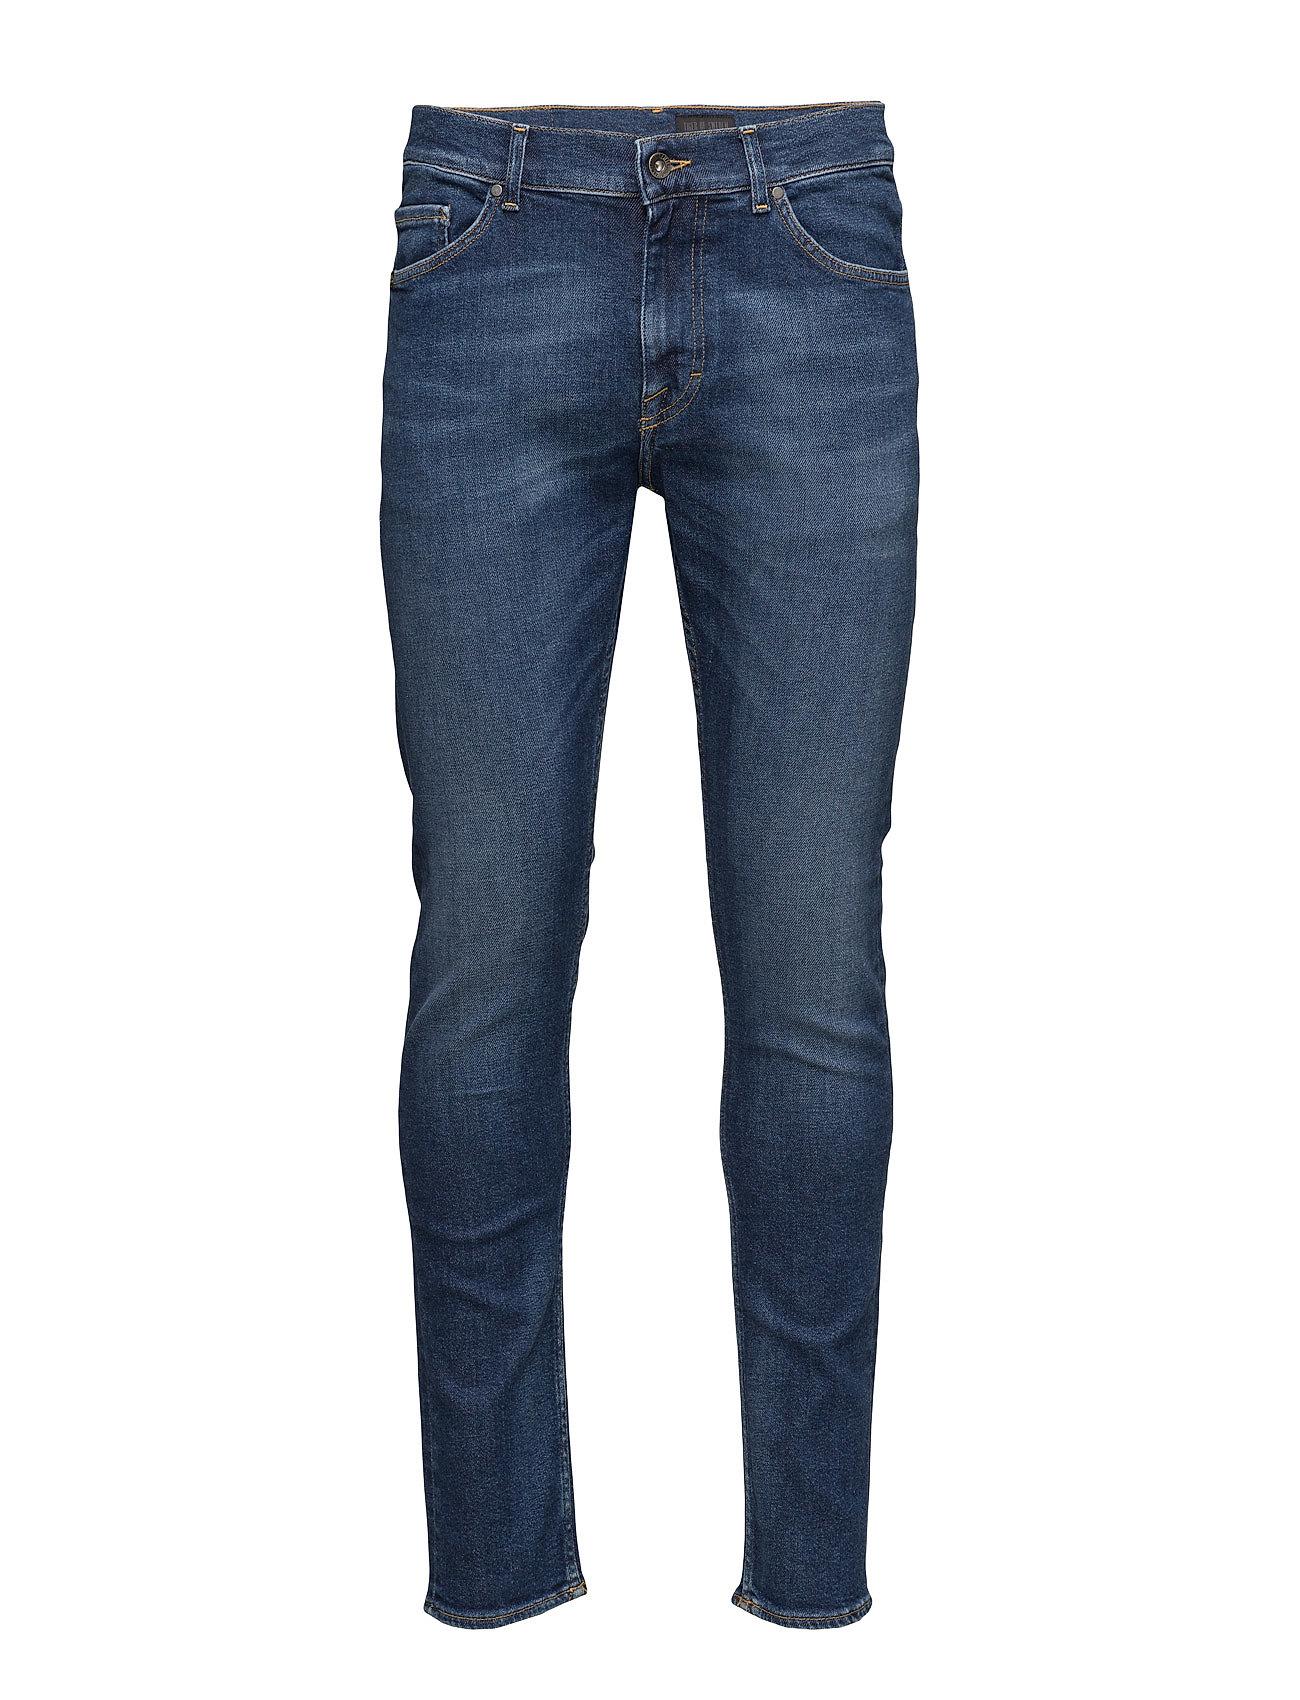 Evolve fra tiger of sweden jeans på boozt.com dk